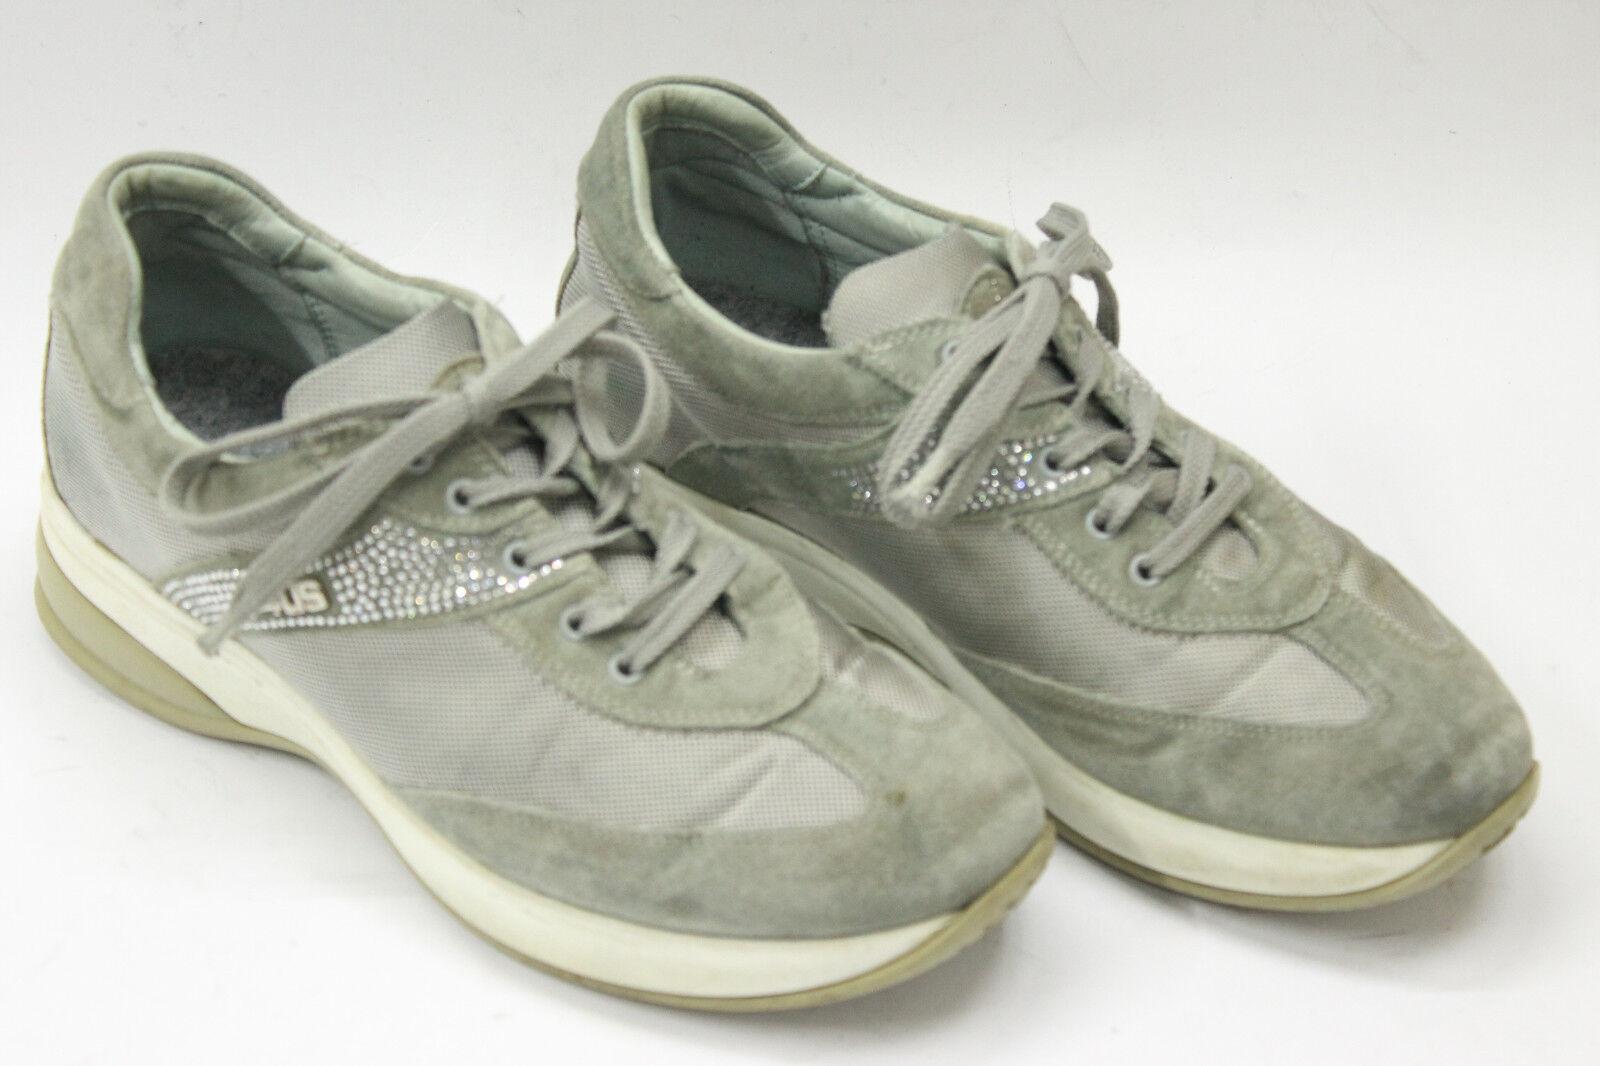 CESARE PACIOTTI Femme  chaussures  sz 6 Europe 36 Gris canvas suede S6932